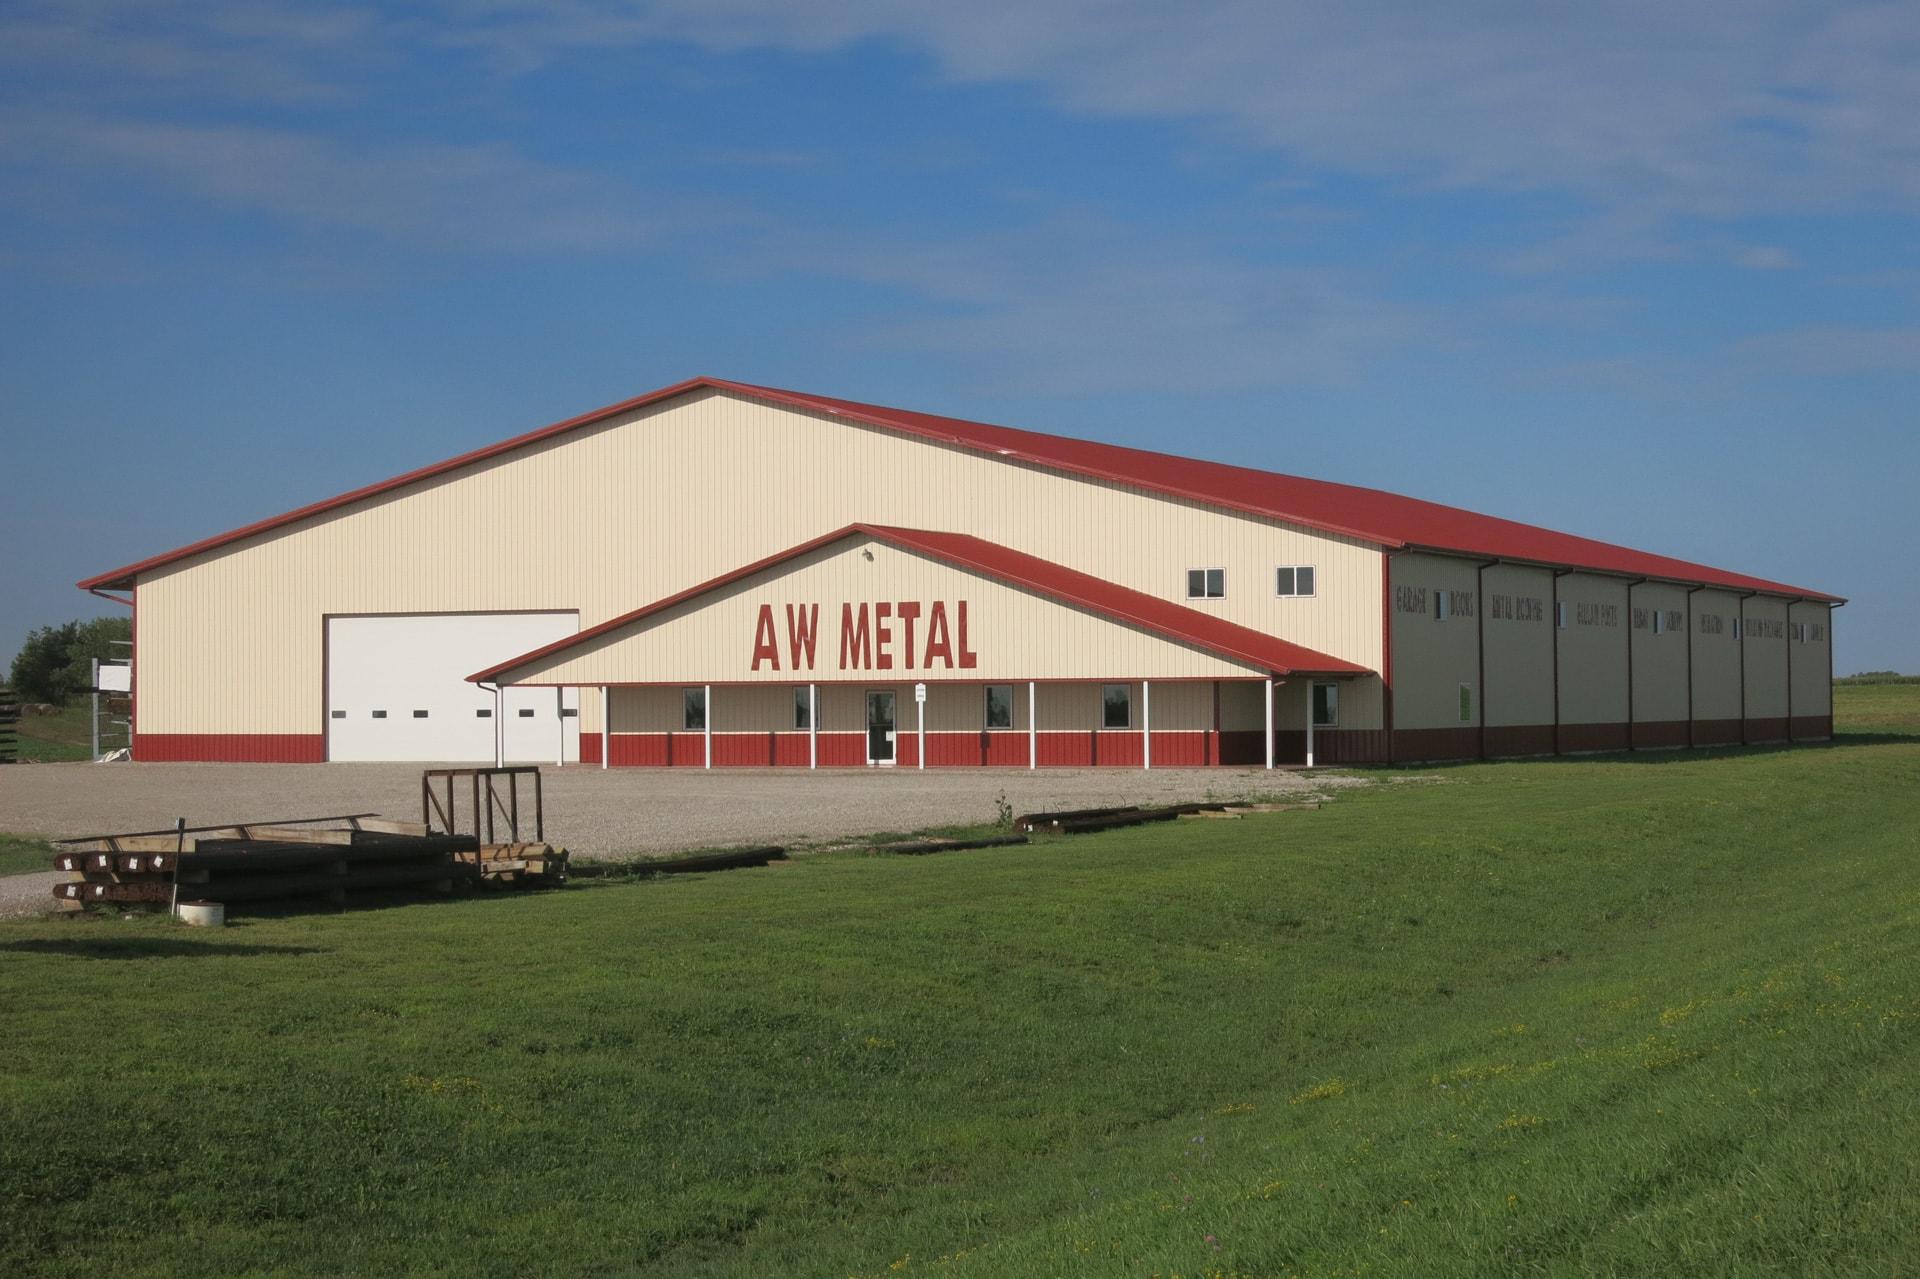 AW Metal - Exterior